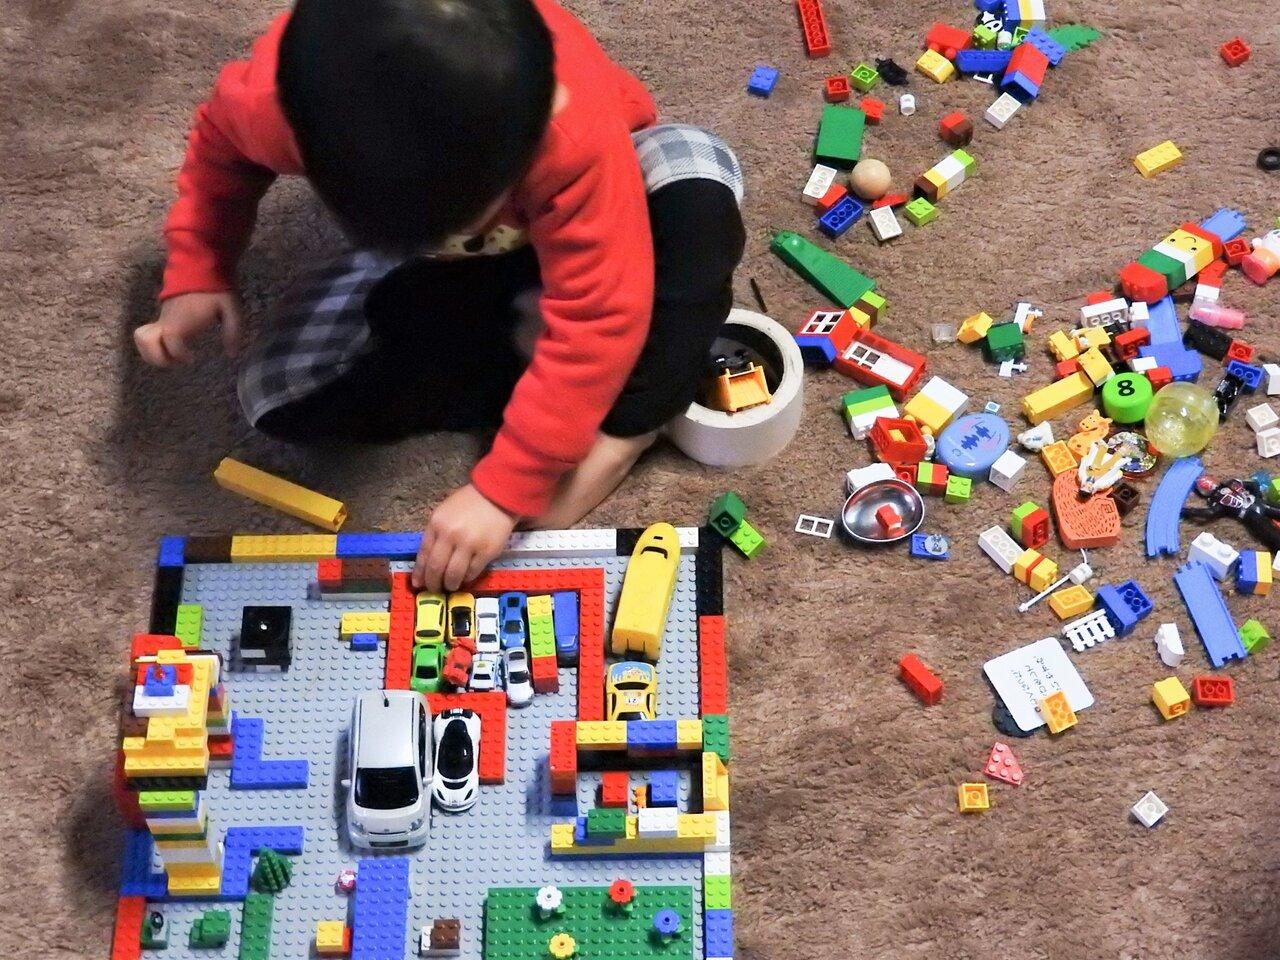 「3歳3ヵ月の男の子。片付けができるようになってほしい」 子育て相談 モンテッソーリで考えよう!